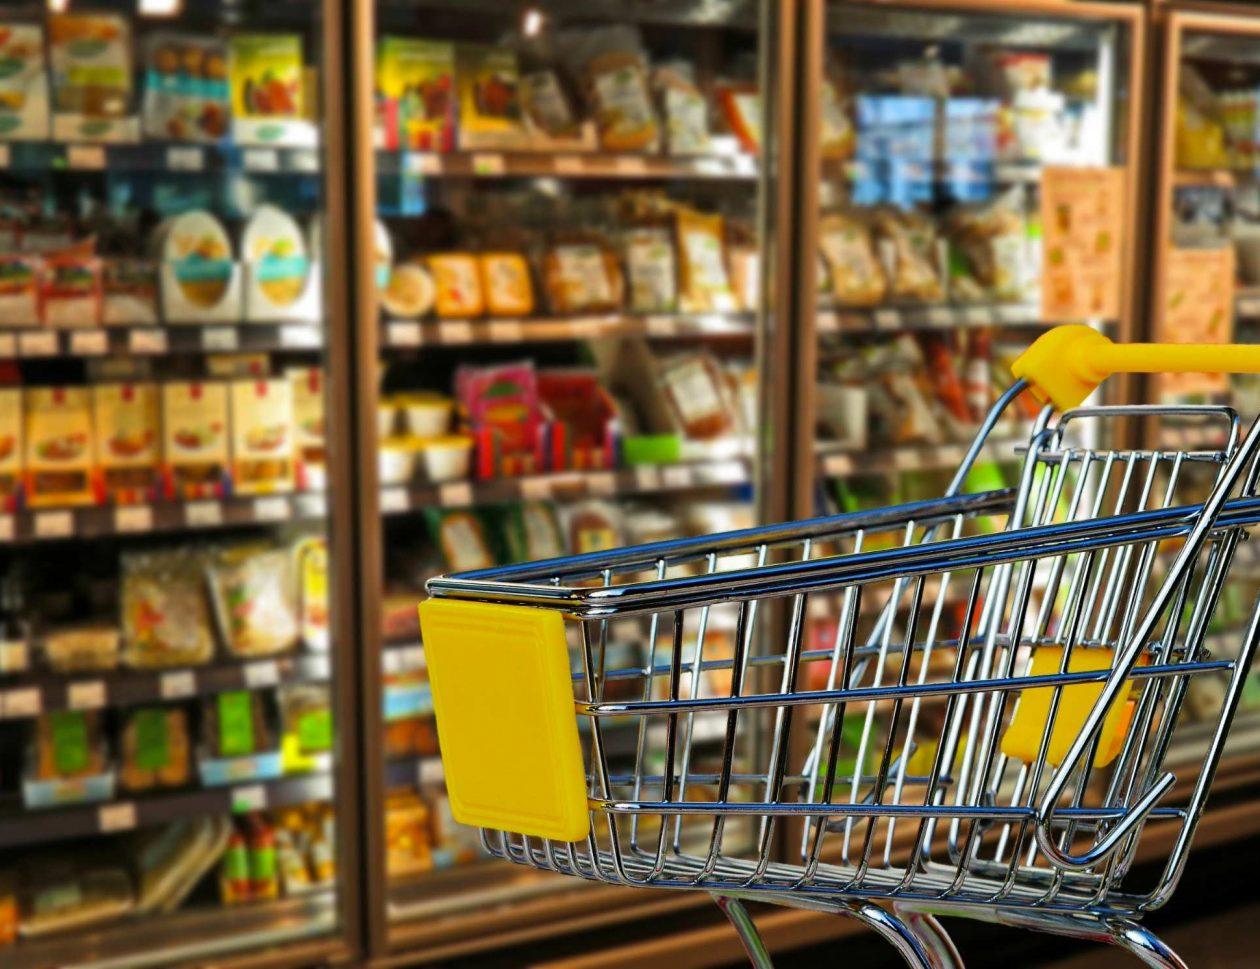 Chariot vide devant un rayon de supermarché